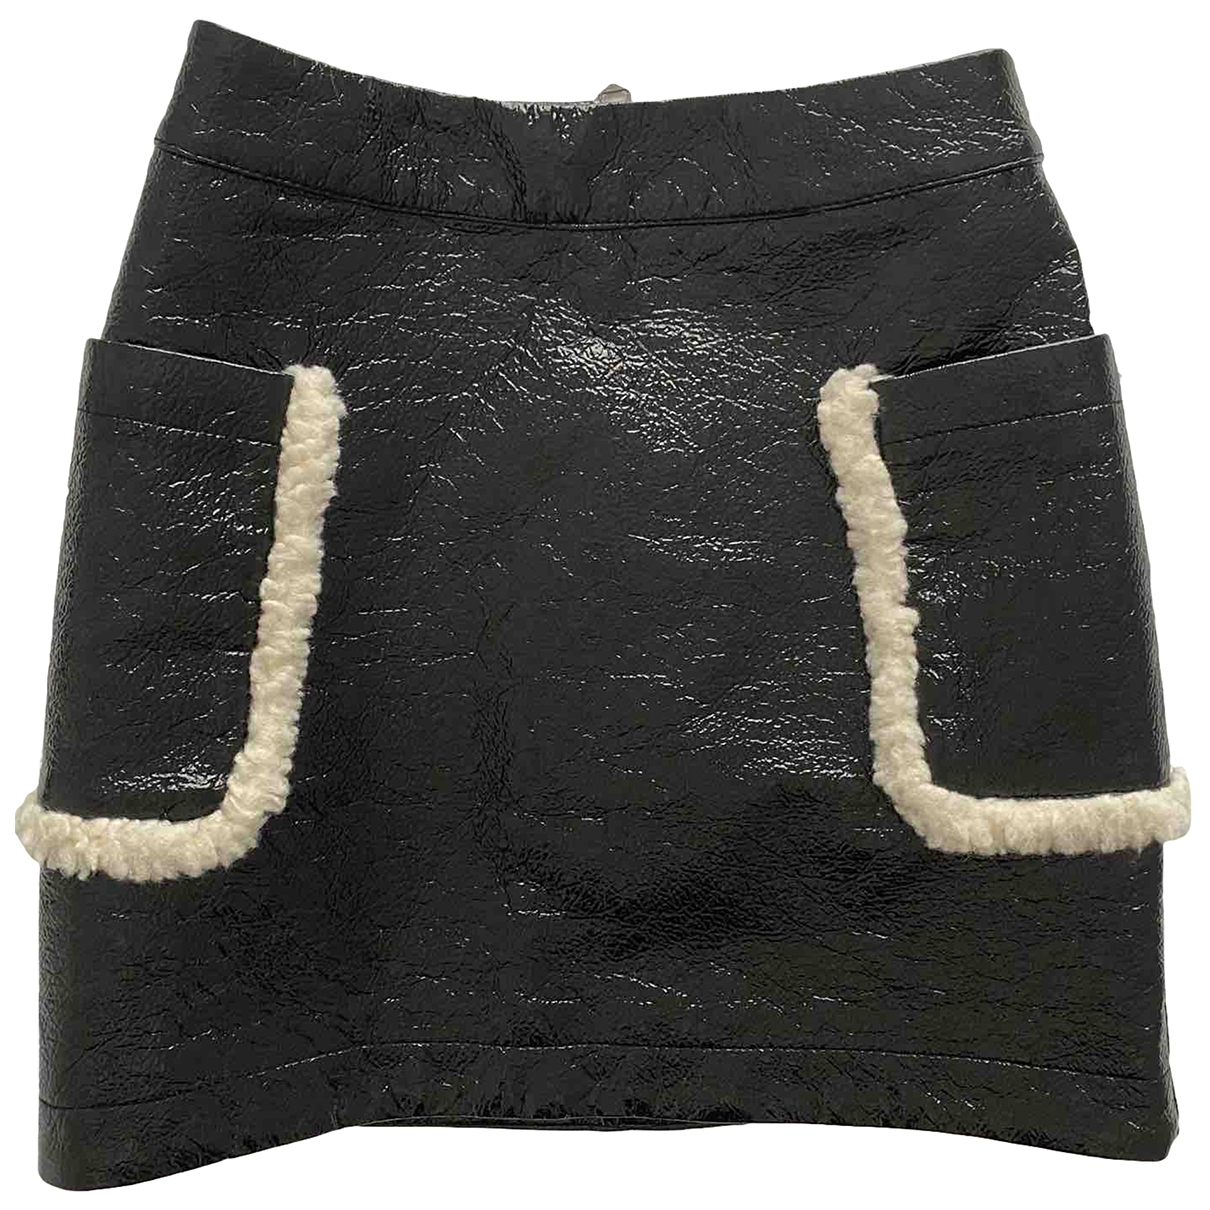 Monki \N Black Patent leather skirt for Women 34 FR